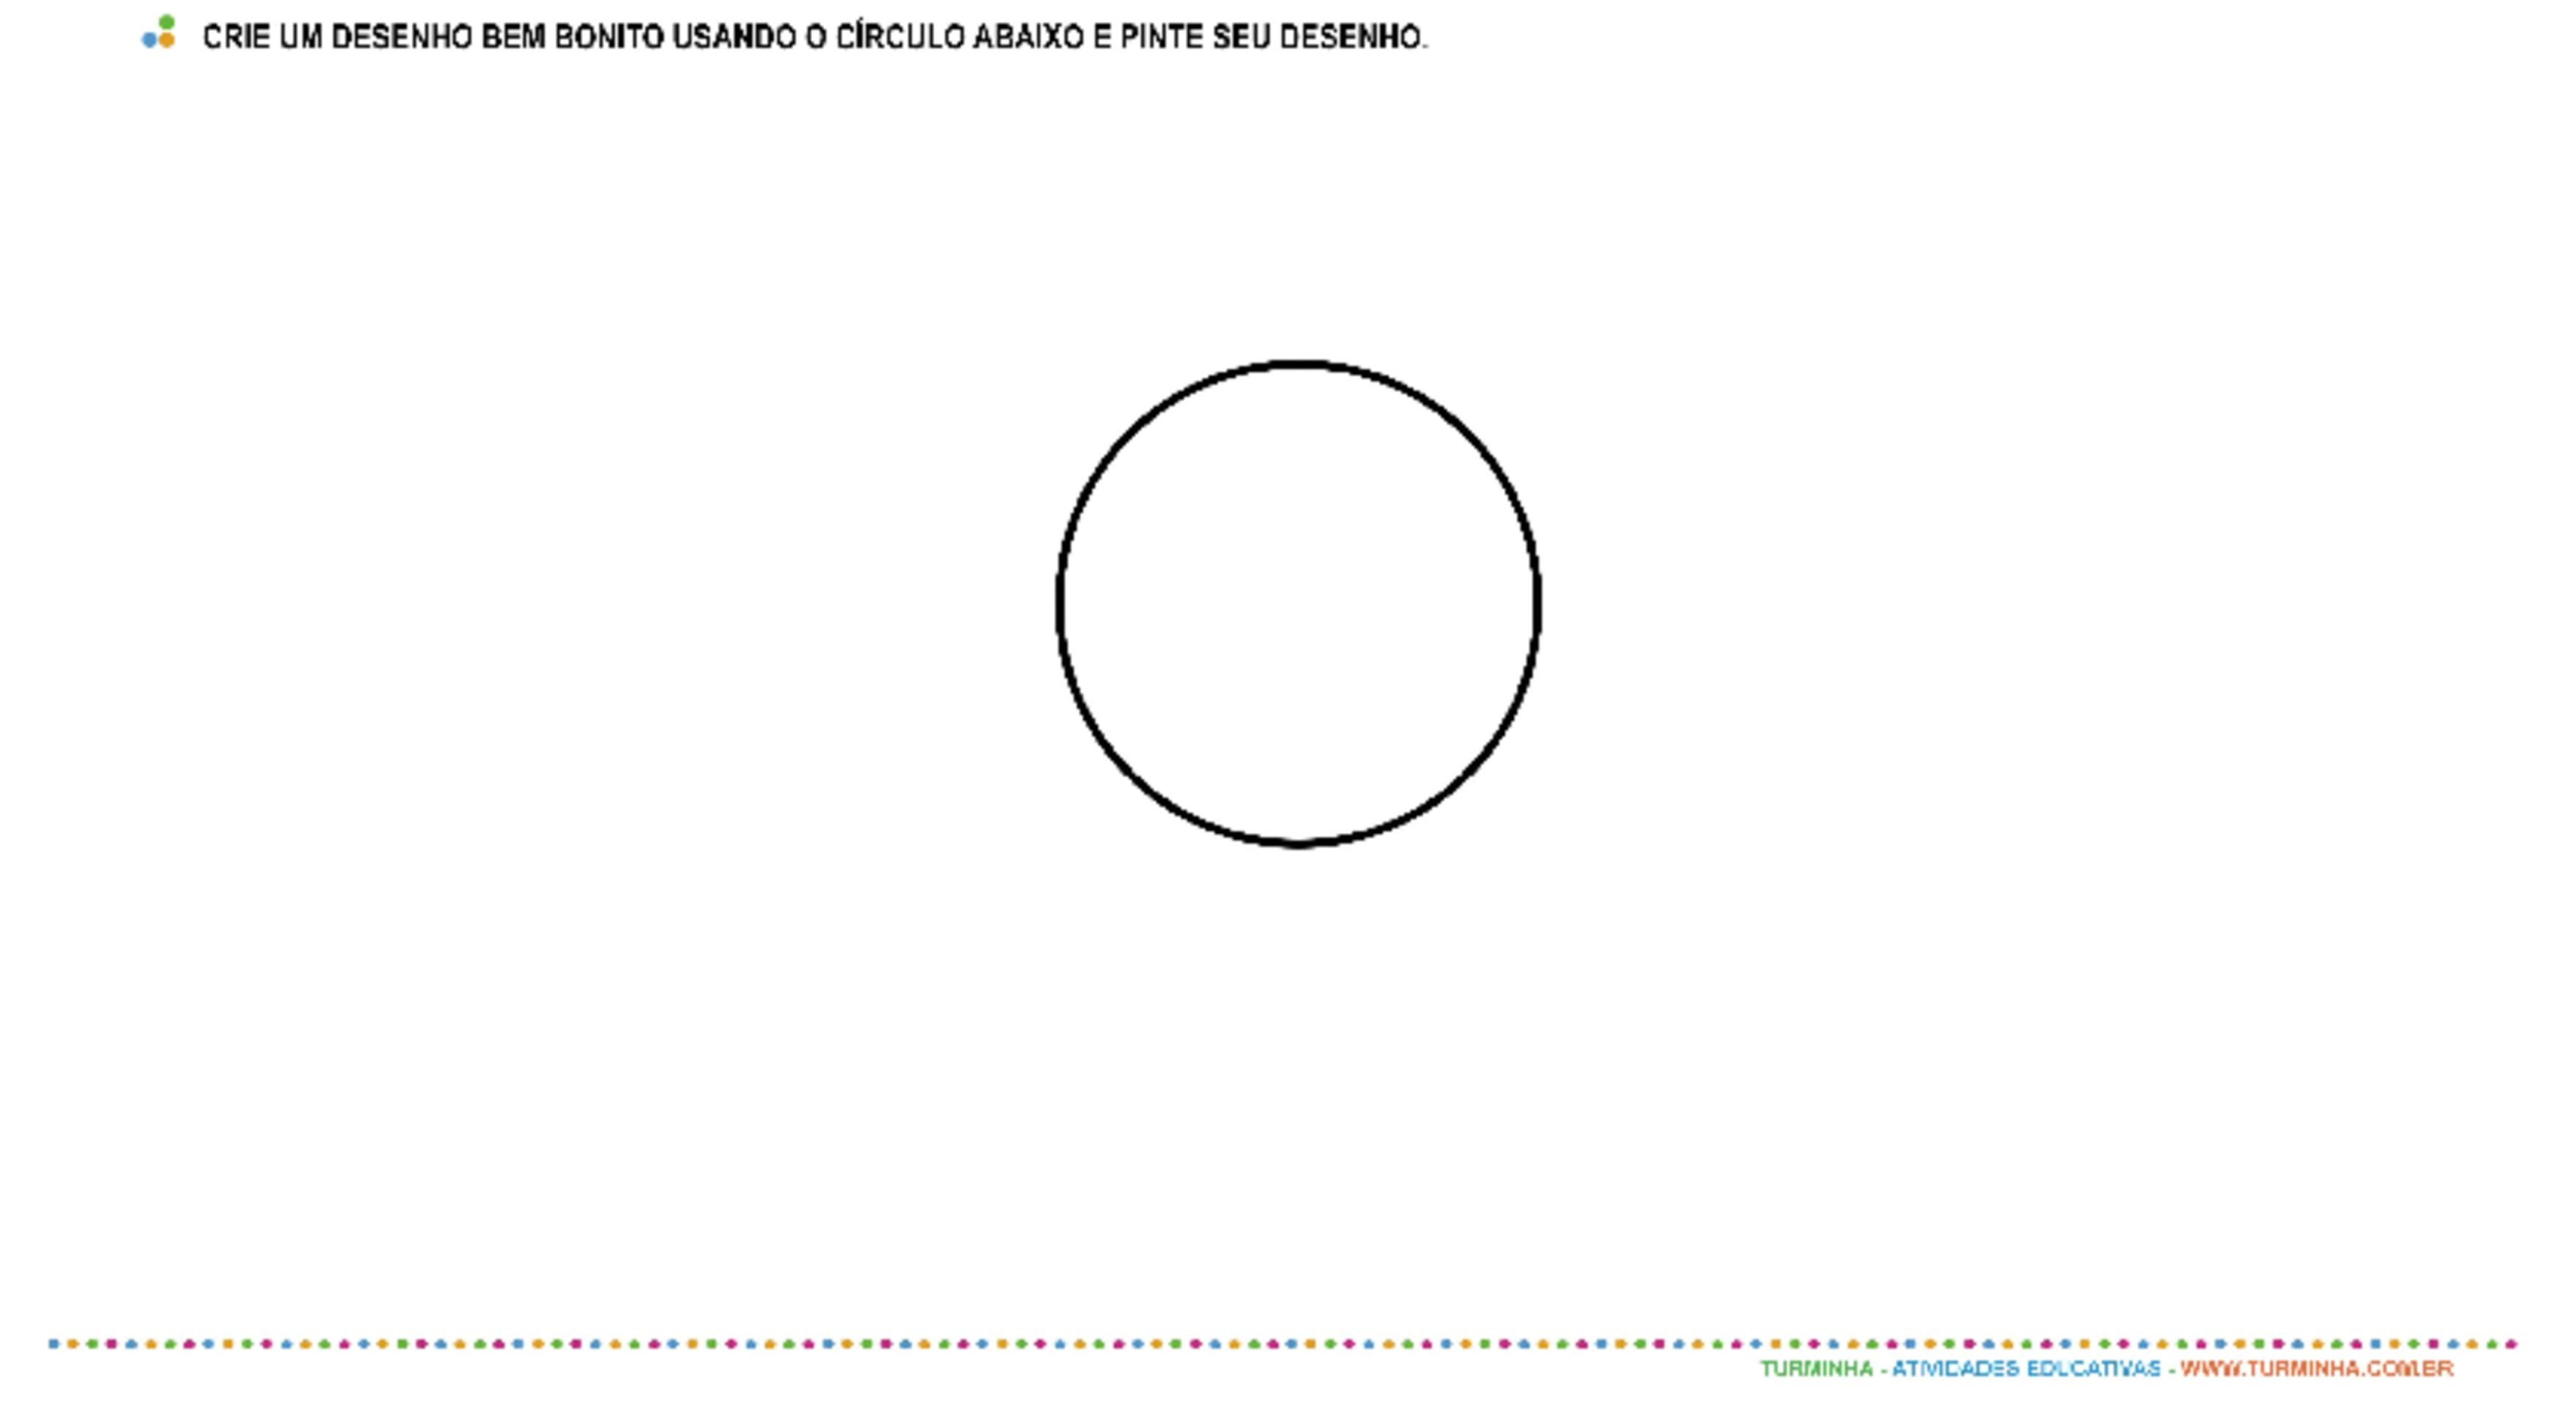 Formas Geométricas - Círculo - atividade educativa para Pré-Escola (4 e 5 anos)